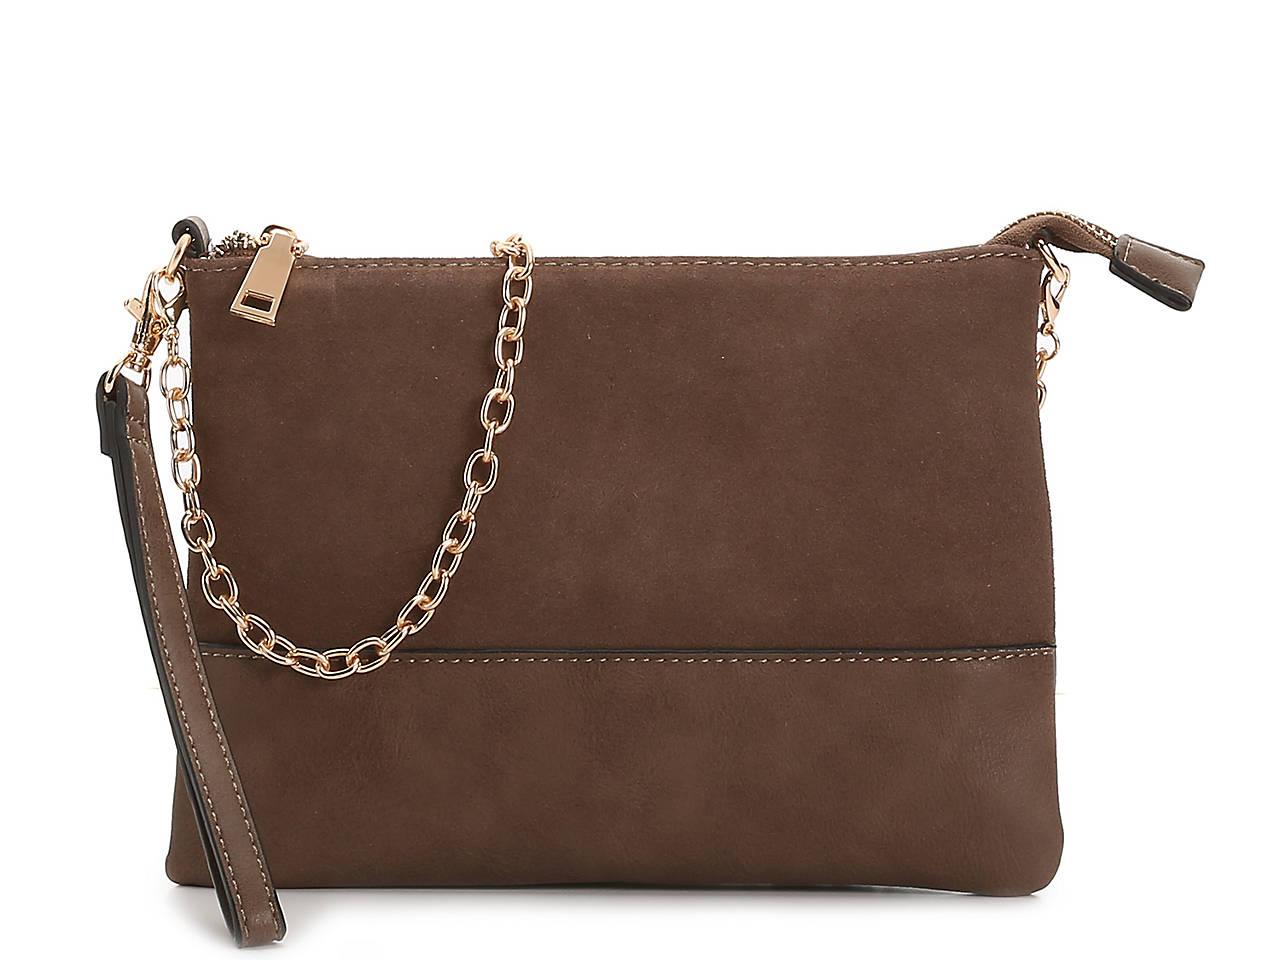 a6a8db5c7776 La Diva Convertible Crossbody Bag Women s Handbags   Accessories